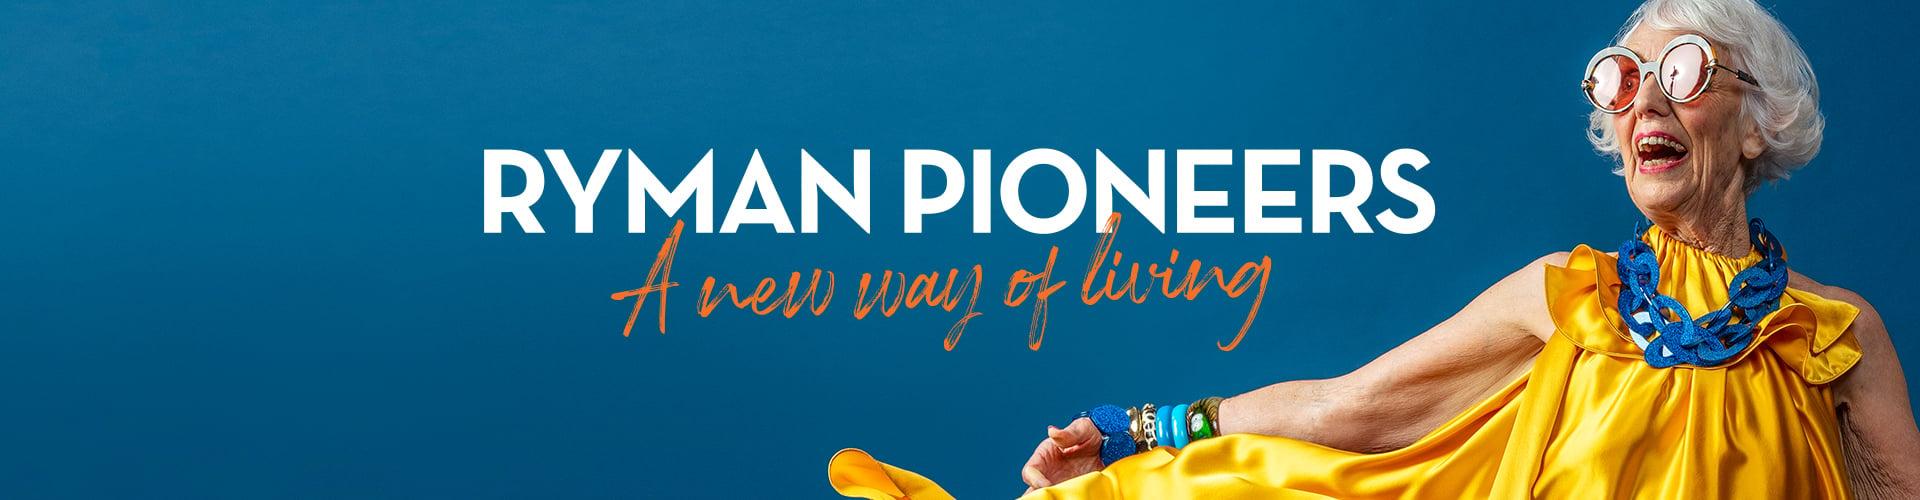 Ryman-pioneers-homepage-1920x500_v2